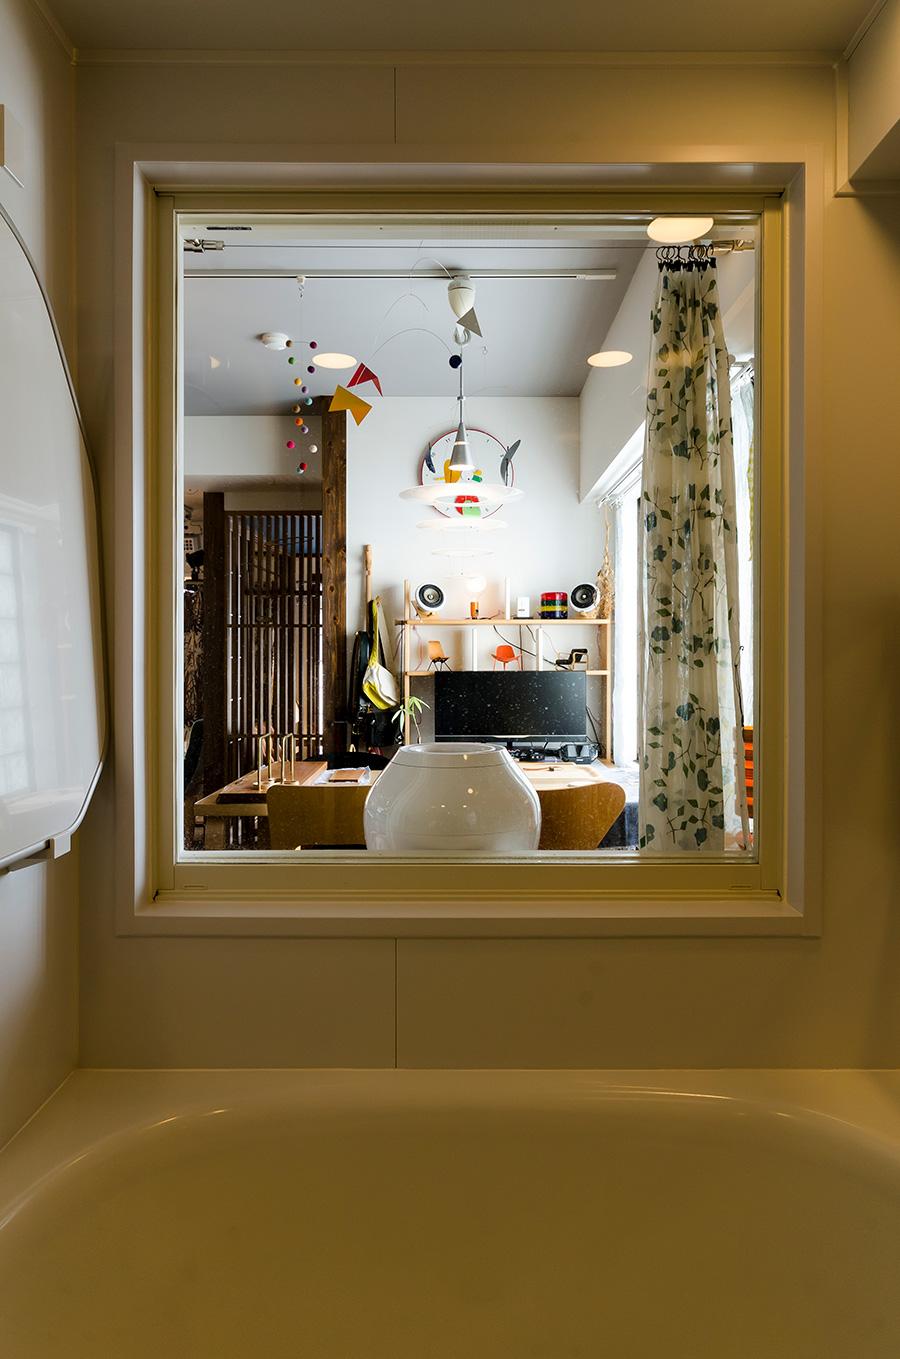 お風呂場には縦長のガラス窓を設置し、開放的な雰囲気に。